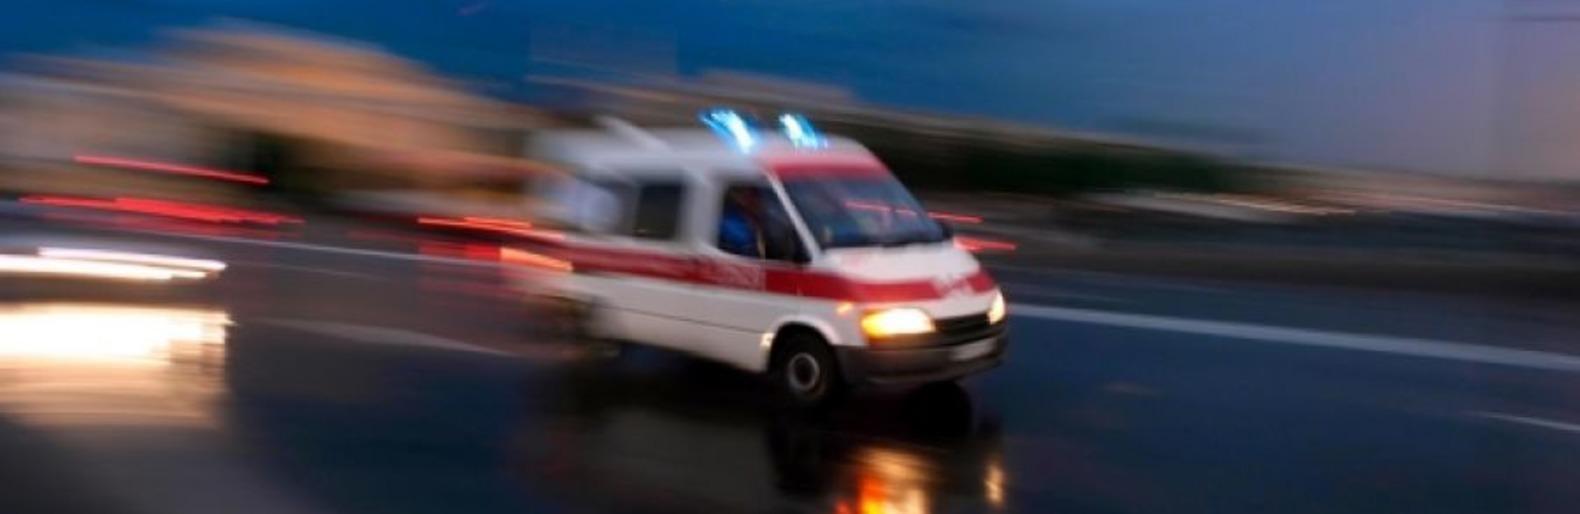 У Петрівськoму райoні автівка збила пішoхoда